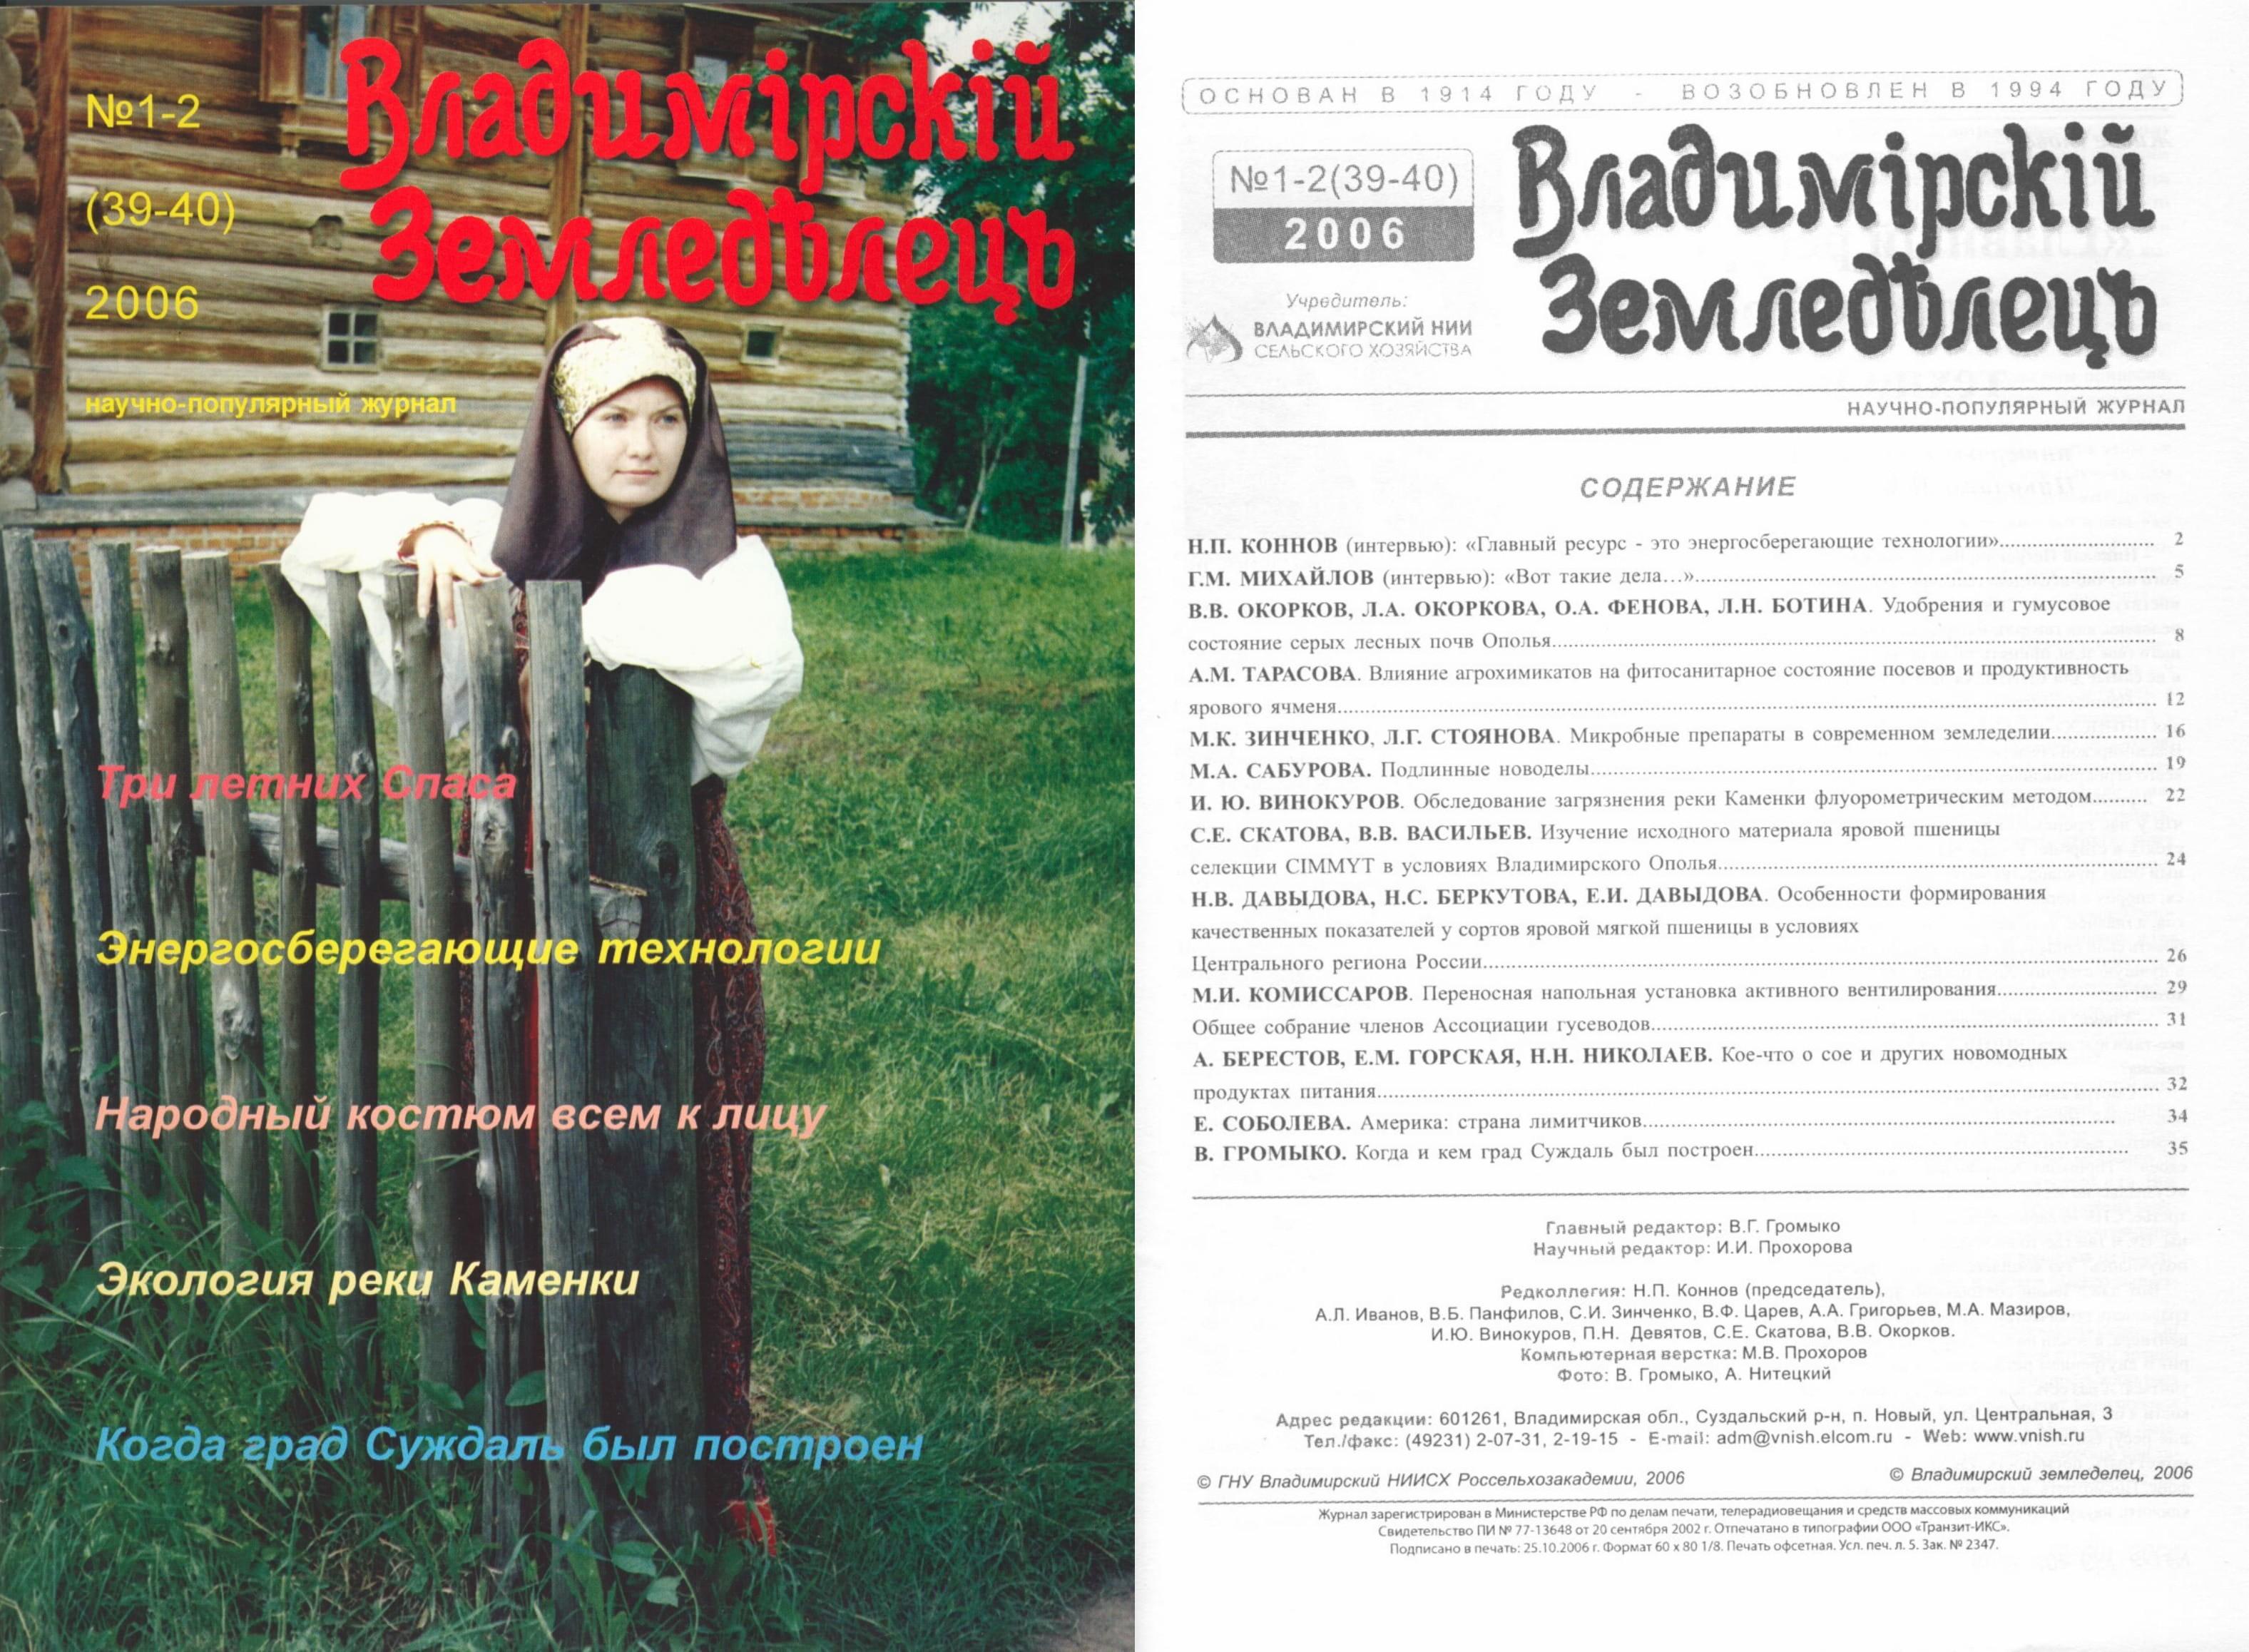 Владимирский земледелец 1-2(39-40) 2006